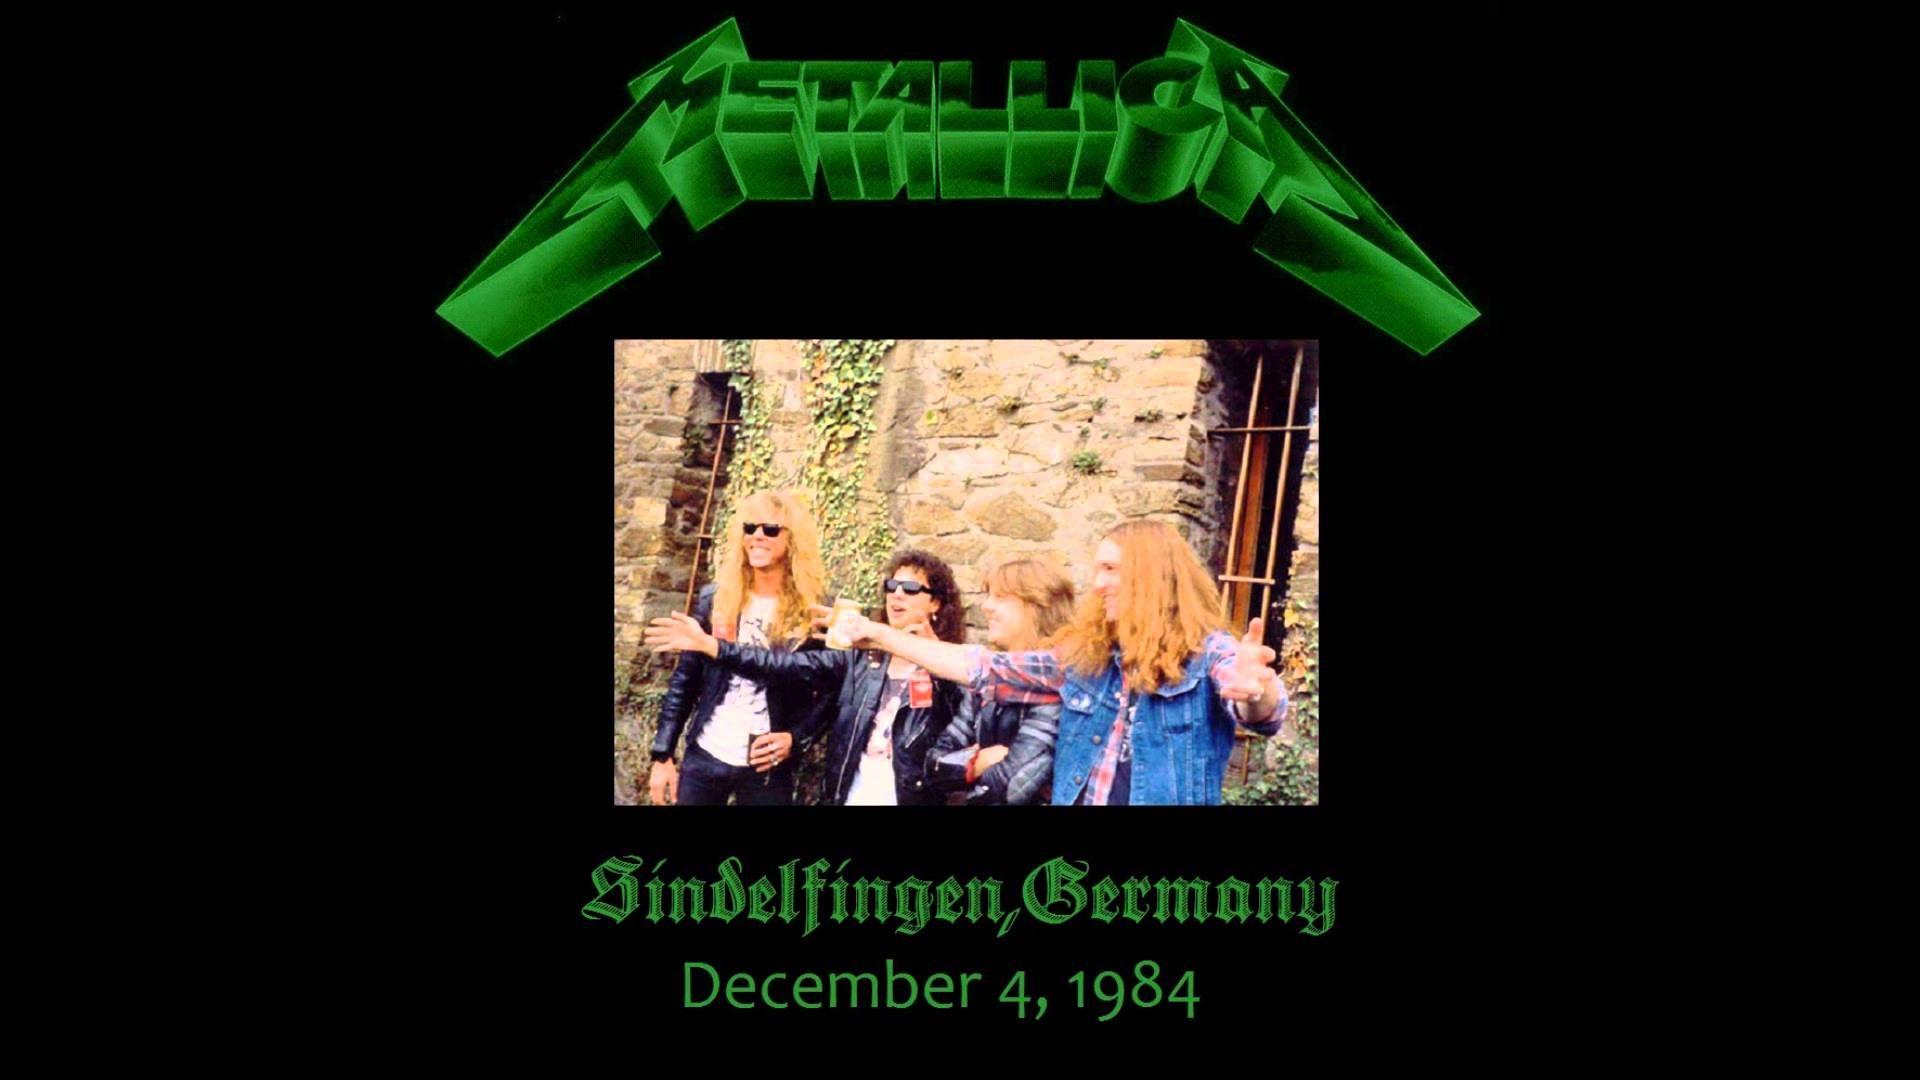 The Call Of Ktulu Dec. 4, 1984 Sindelfingen, Germany.